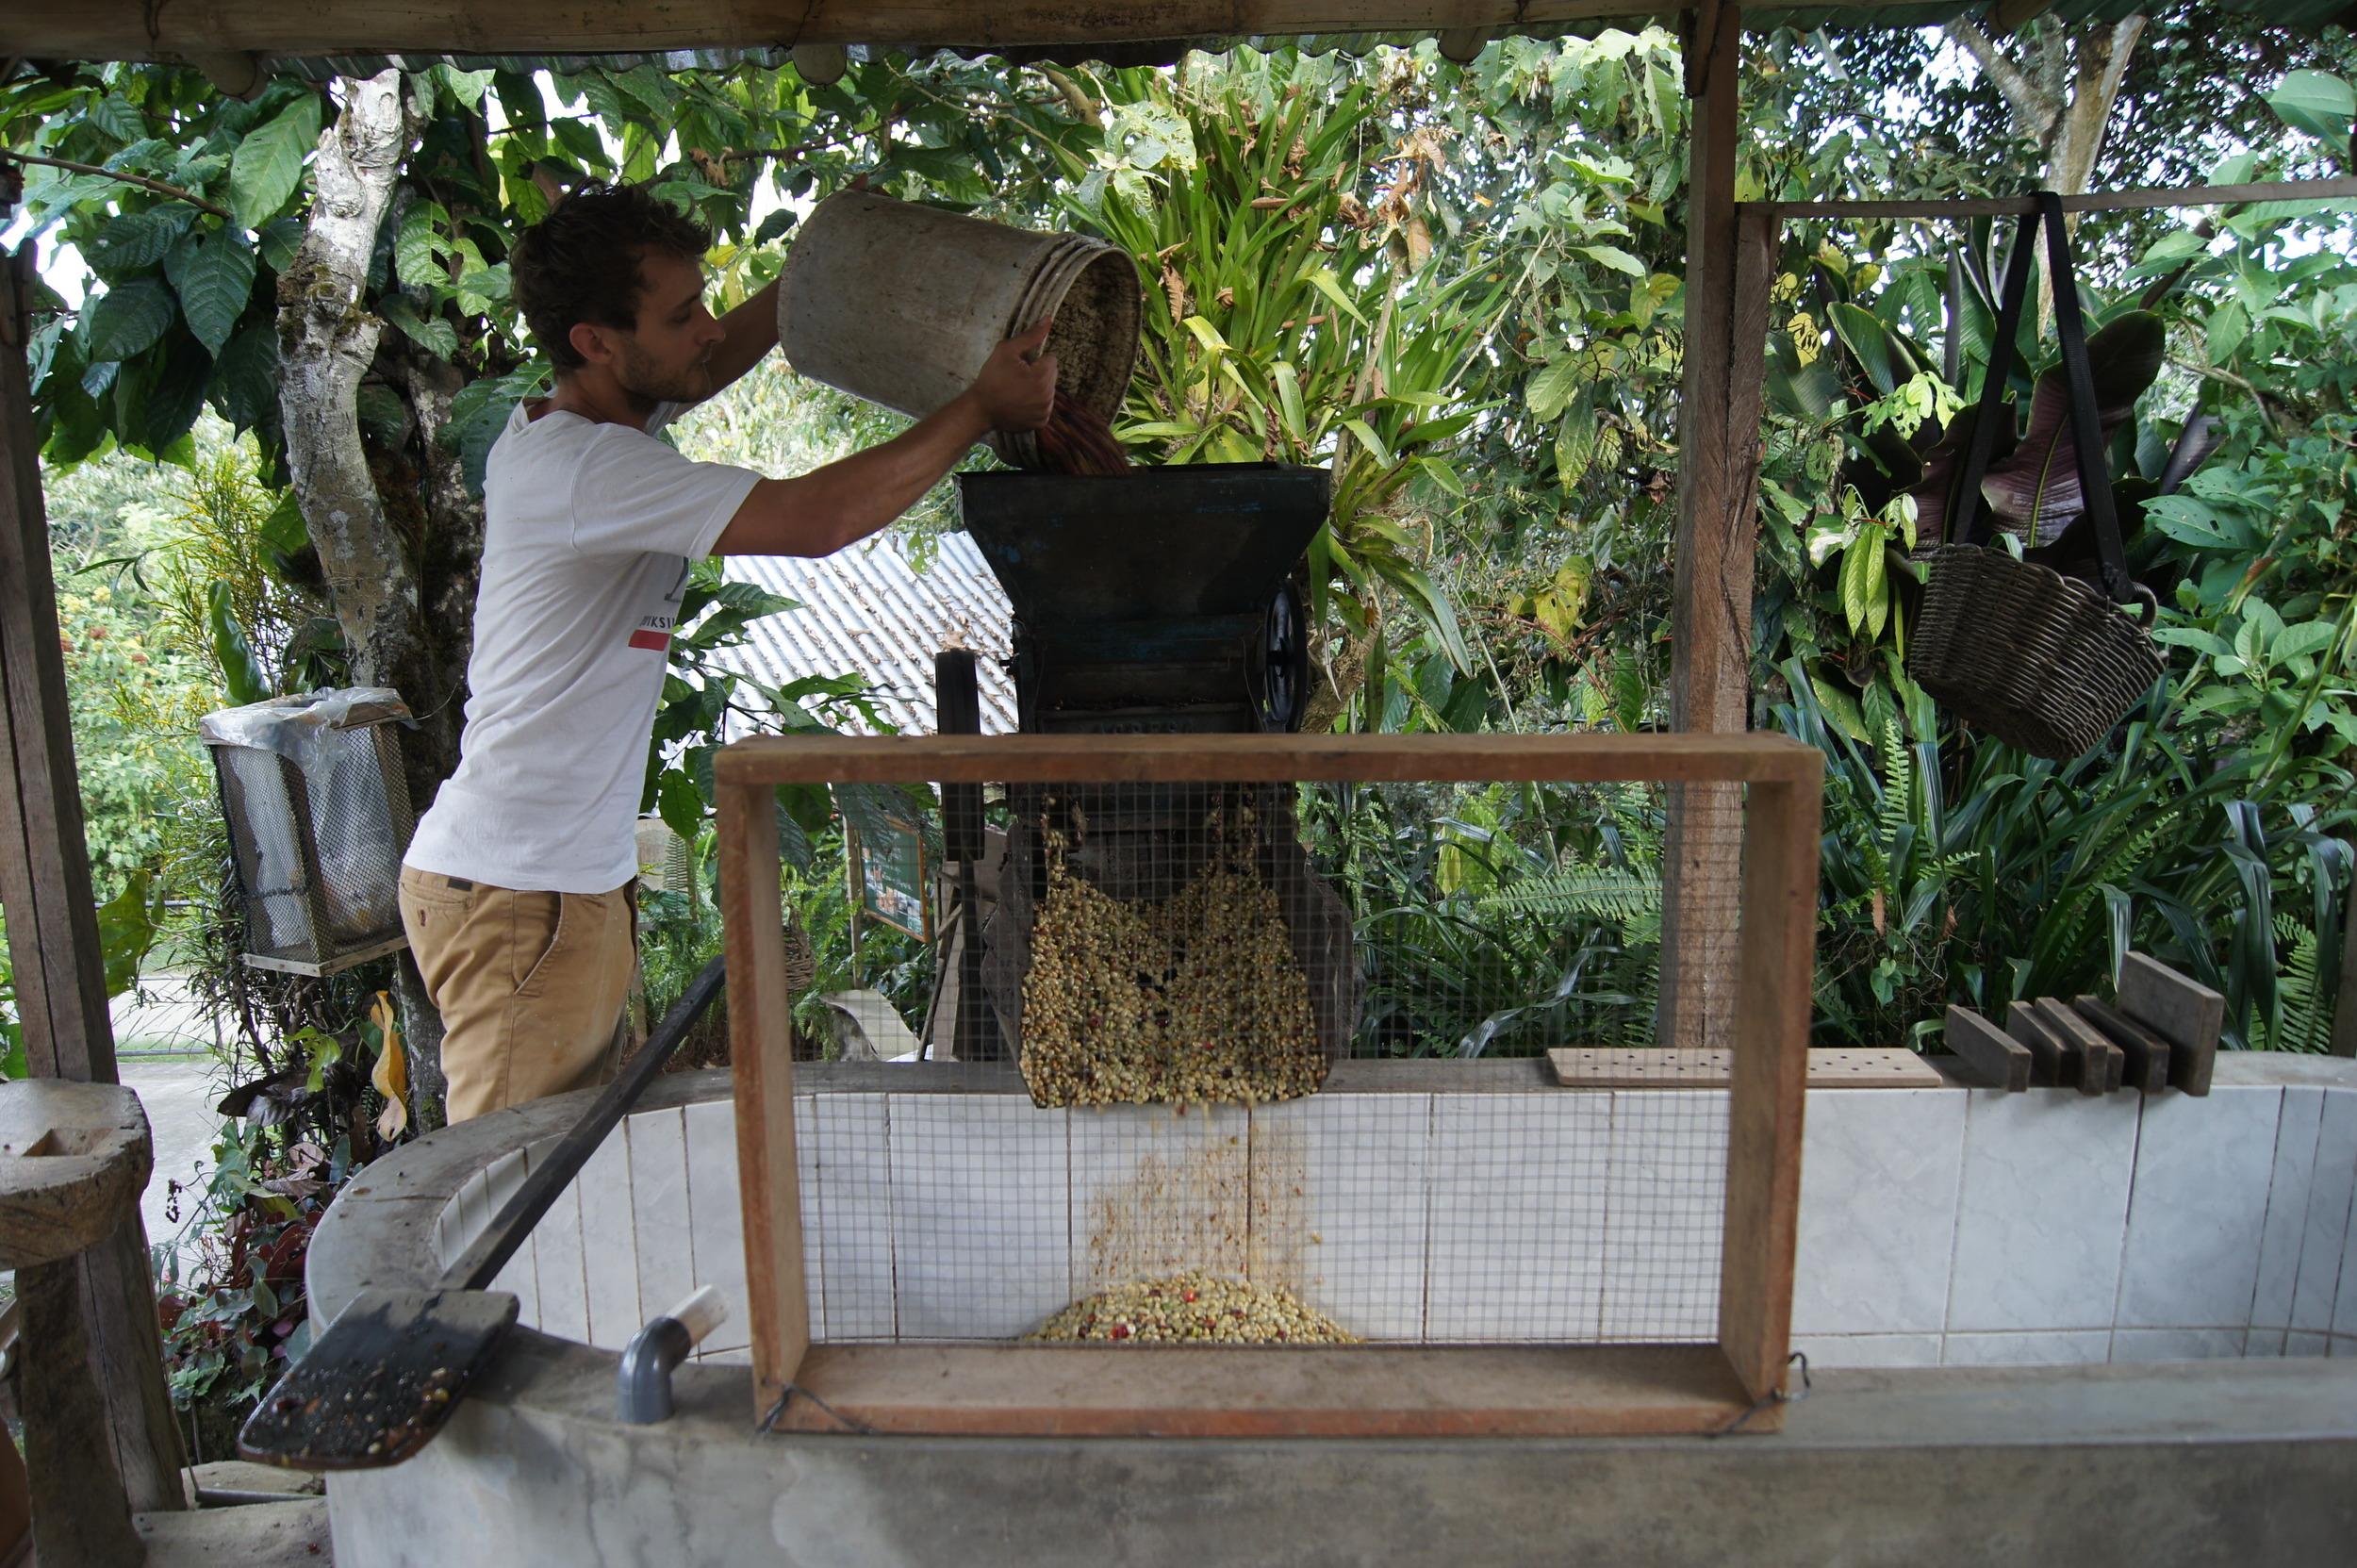 Les cerises de café sont versées dans la dépulpeuse